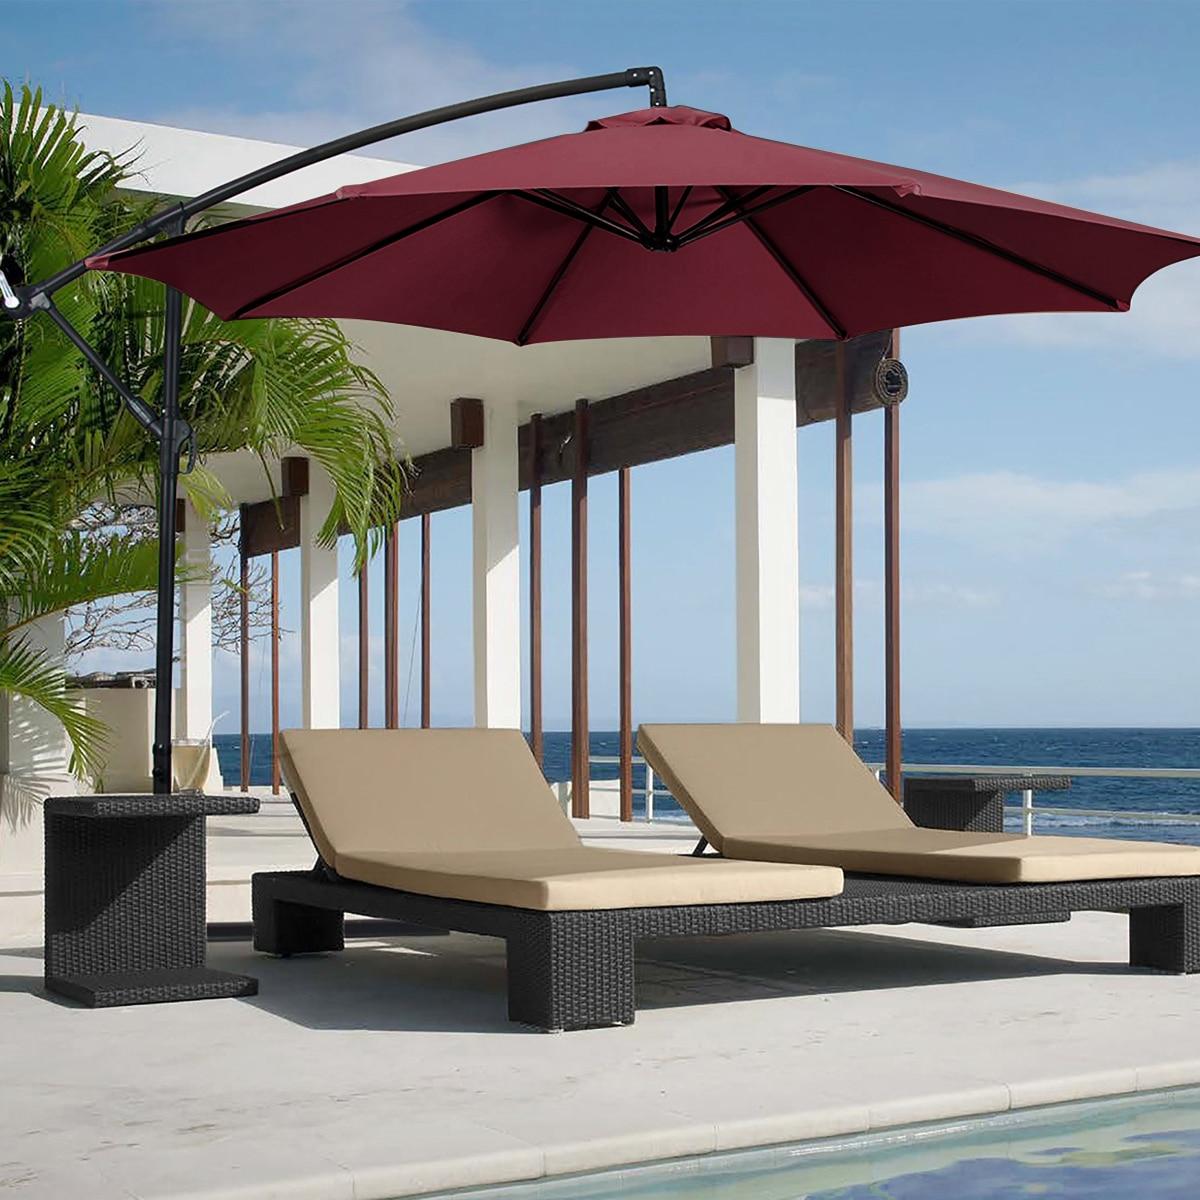 300x300cm Sonnenschirm Regenschirm Abdeckung Wasserdicht Stuhl Zelt Markisen Outdoor Garten Camping Schaukel Baldachin Sun Shelter